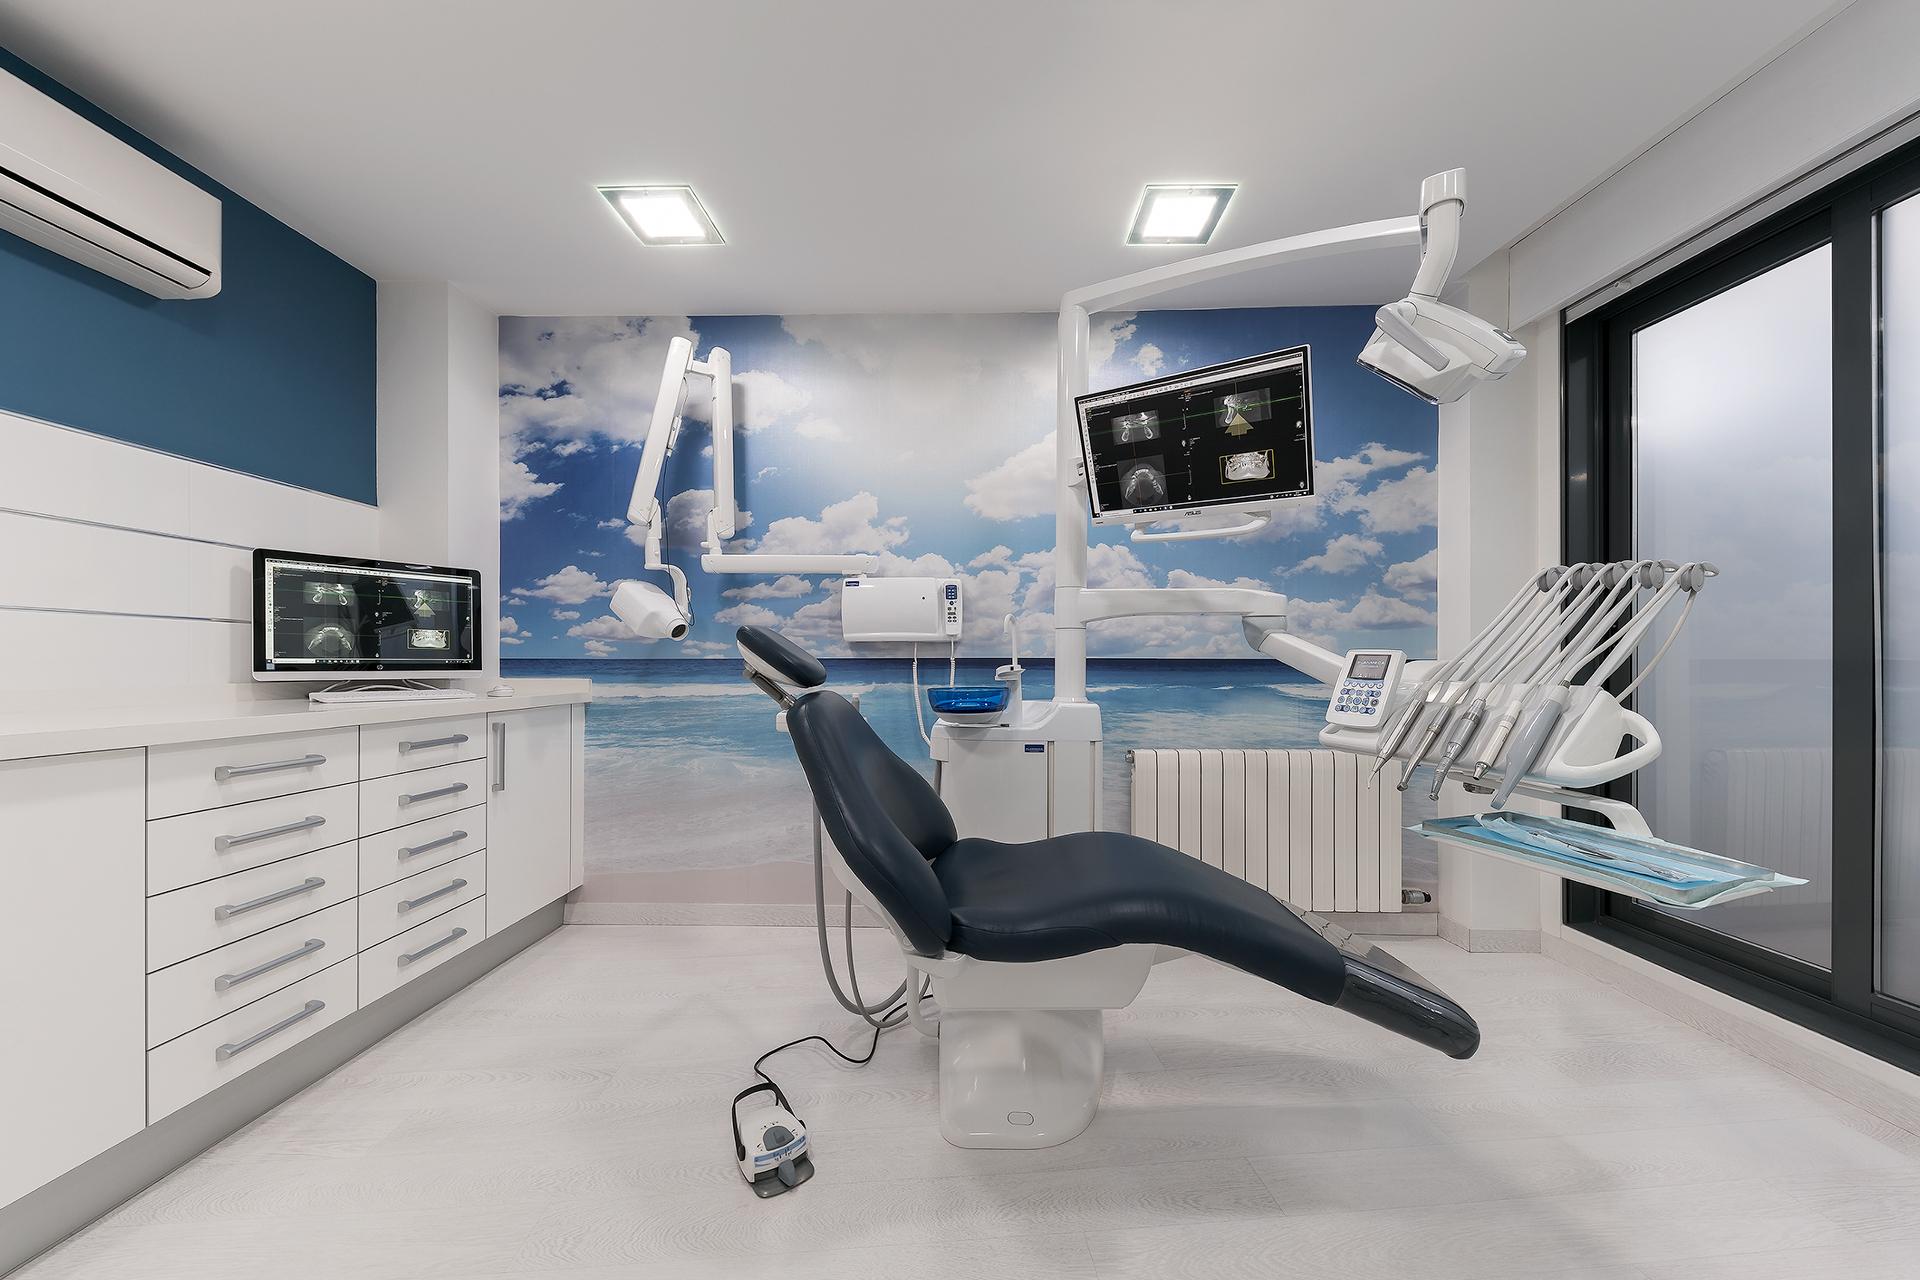 Clinica_RodriguezSanchez_14a